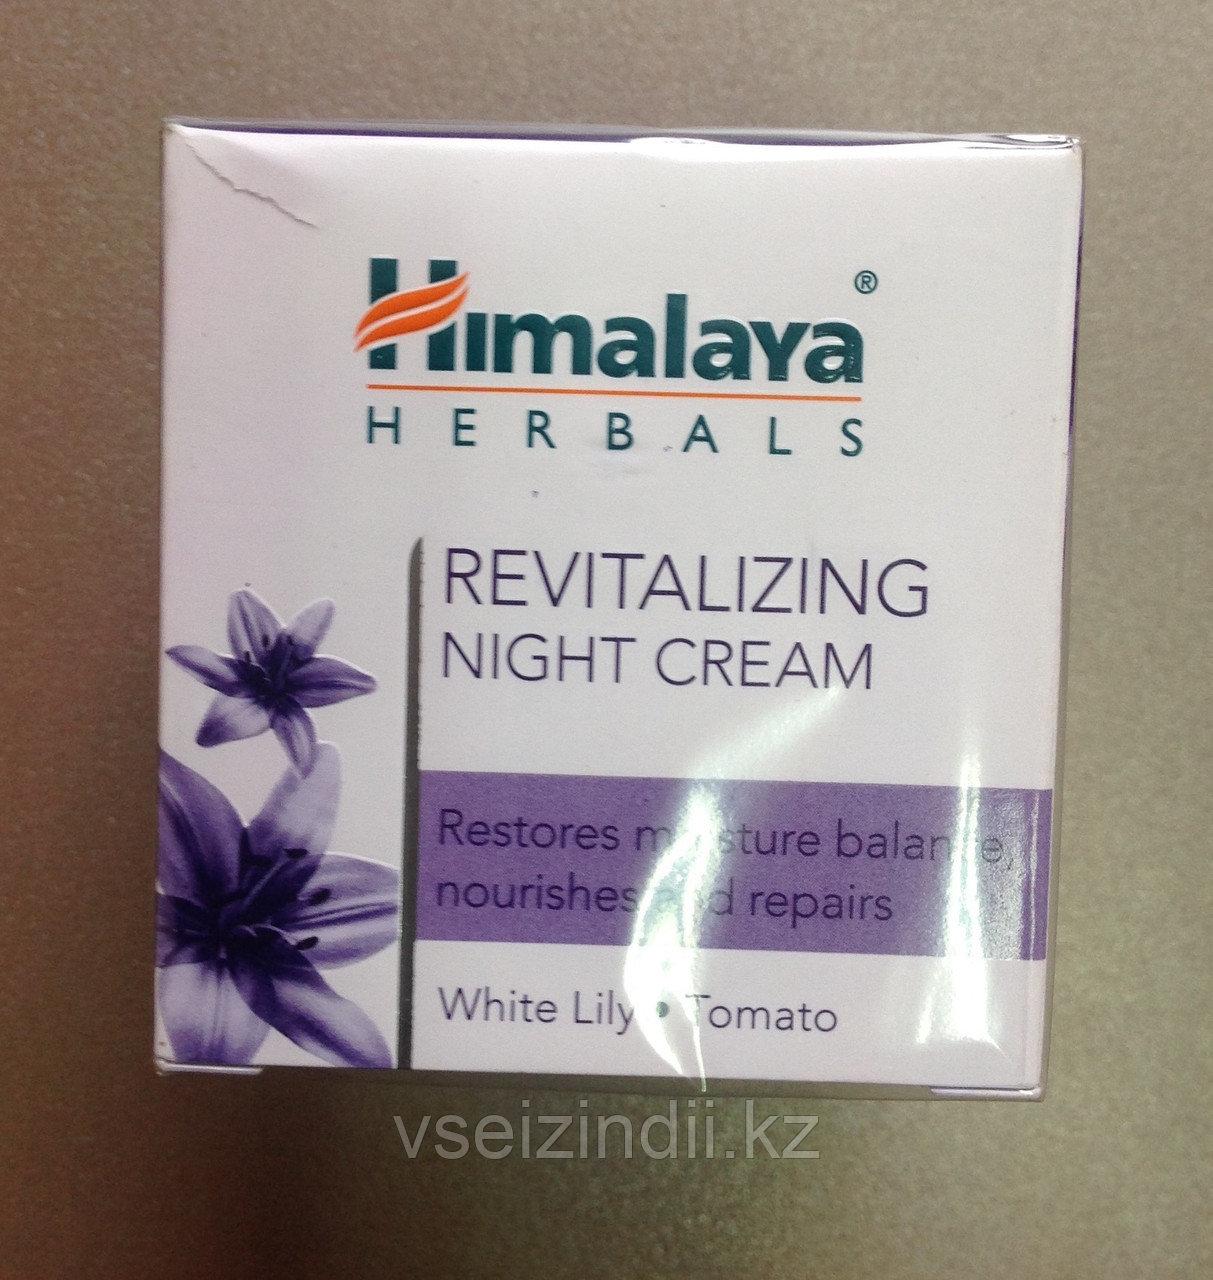 Омолаживающий ночной крем для лица, Гималаи (Revitalizing night cream Himalaya), 50 гр